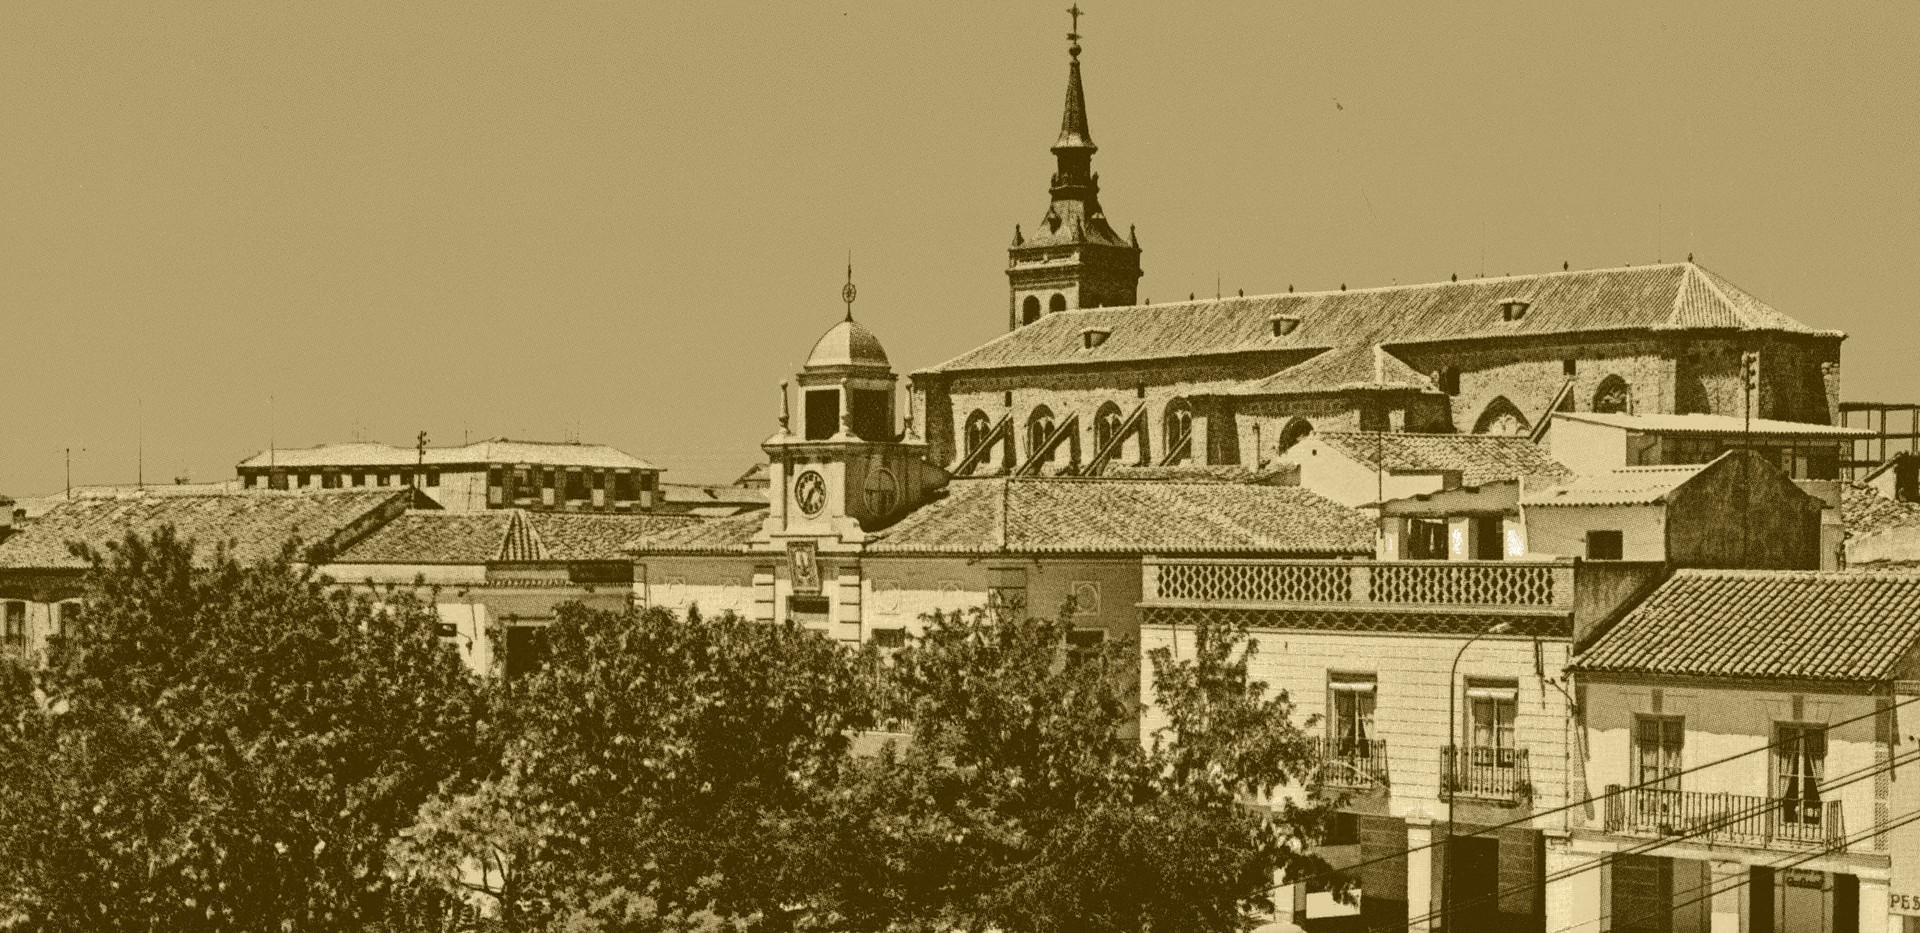 La Colegiata de Torrijos y Plaza de España